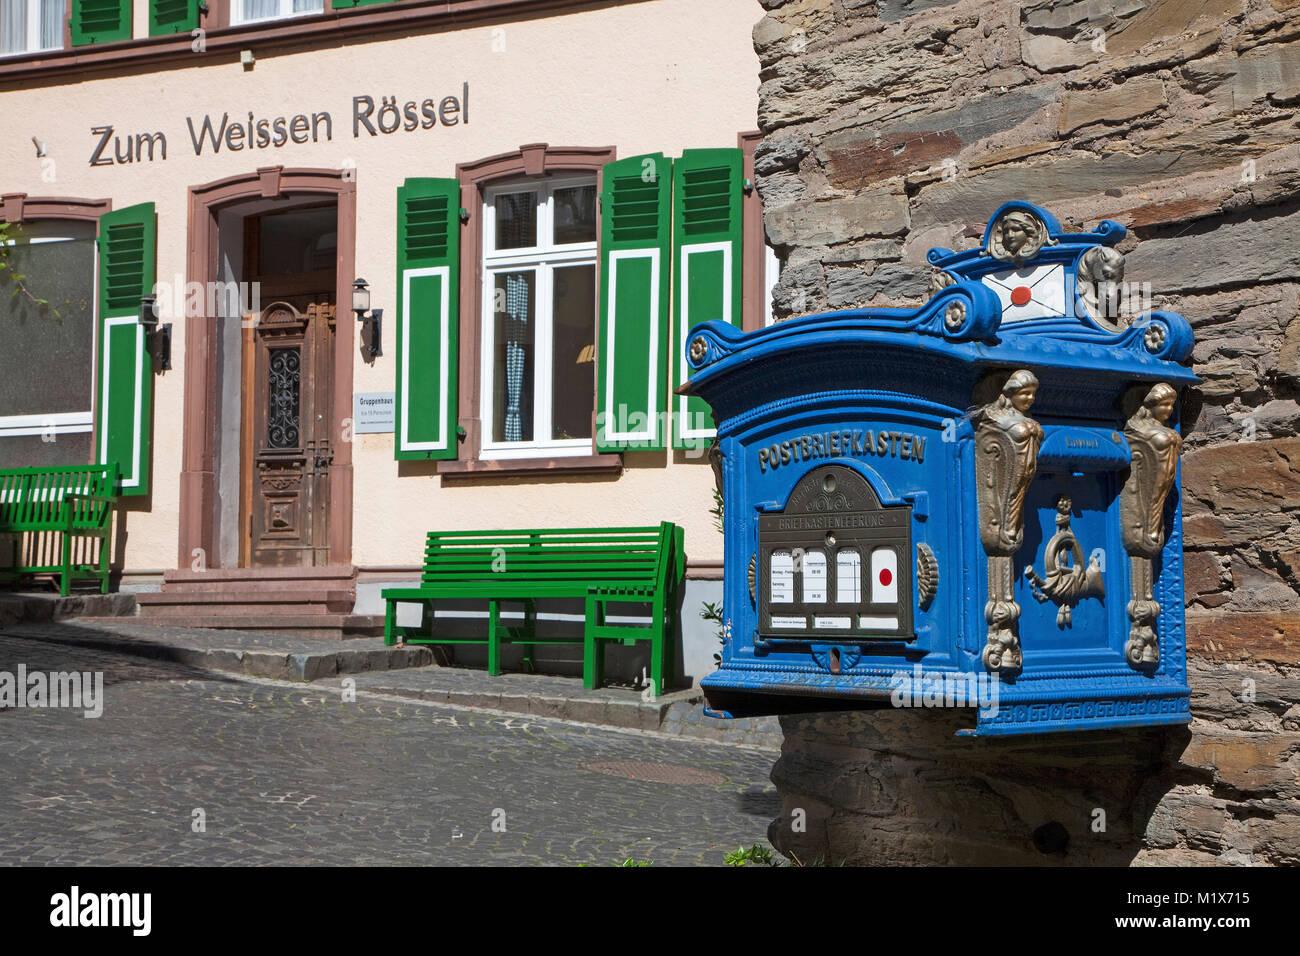 Nostalgic mailbox at wine village Uerzig, Moselle river, Rhineland-Palatinate, Germany, Europe - Stock Image